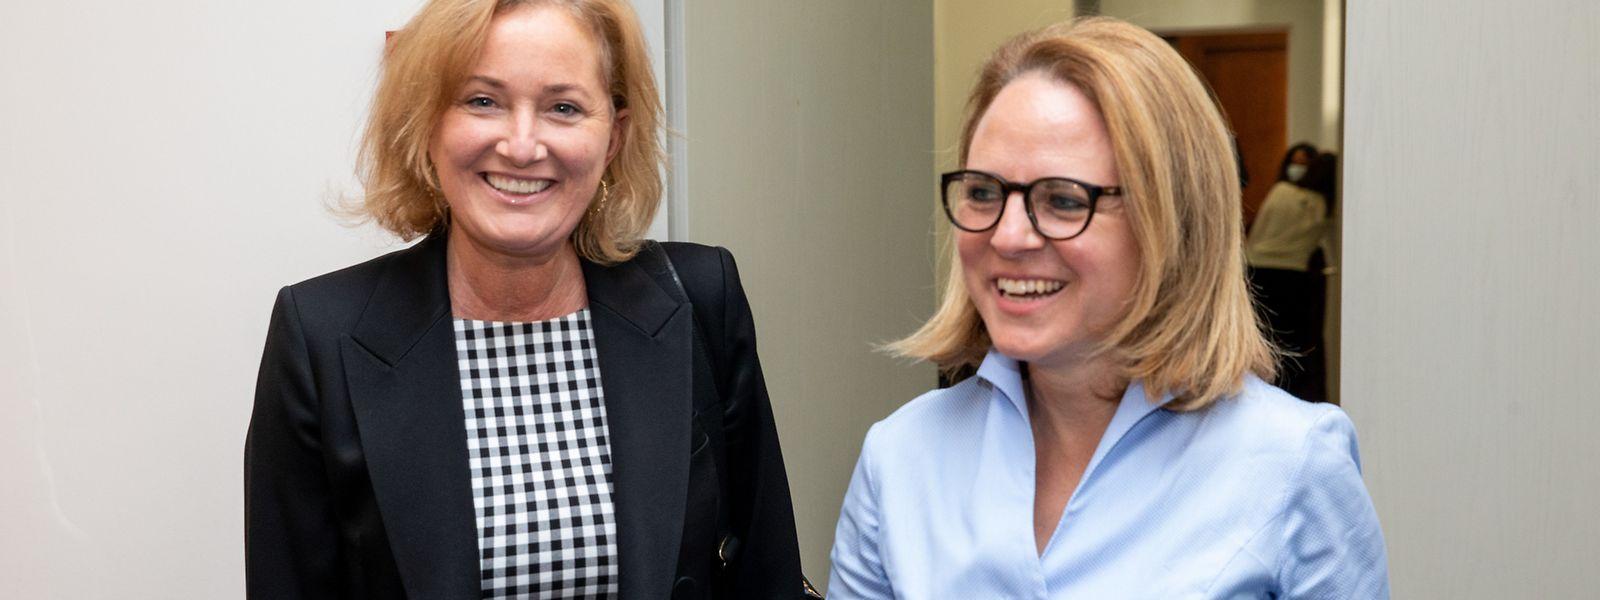 Familienministerin Corinne Cahen und Gesundheitsministerin Paulette Lenert stellten am Mittwoch die angepassten Empfehlungen für die Alters- und Pflegeheime vor. Die Regeln gelten vorerst bis zum 18. Oktober.